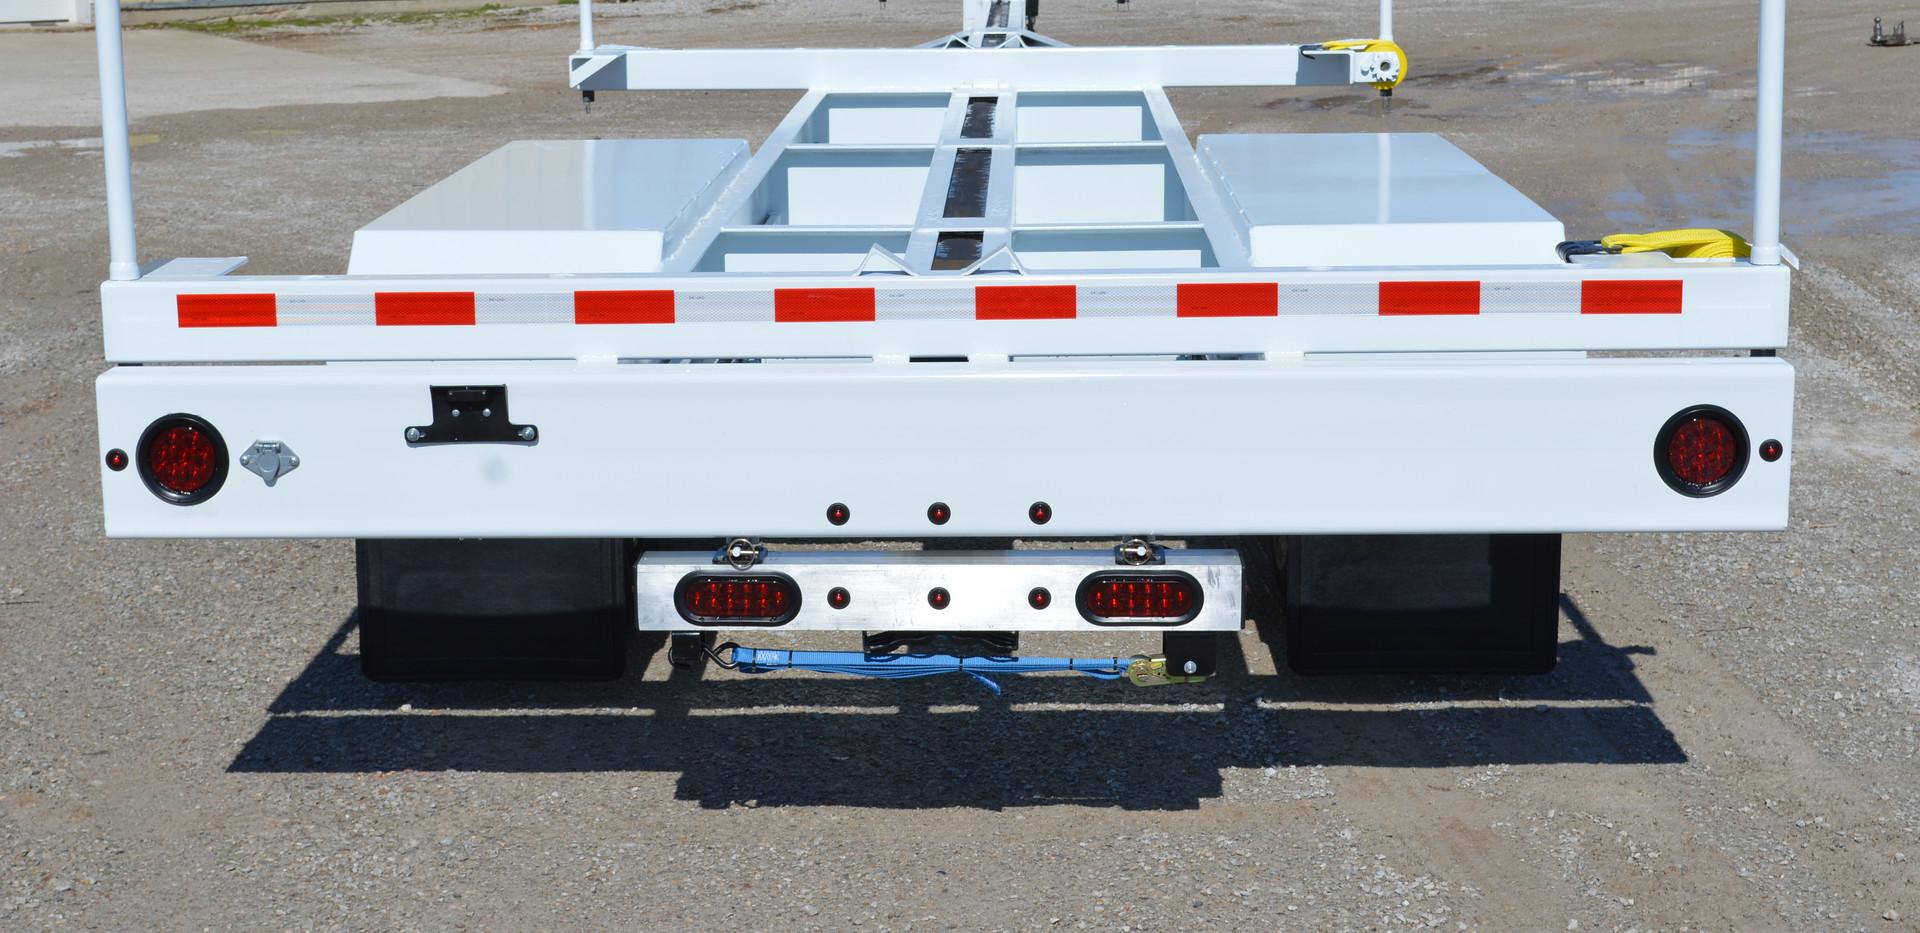 LPT 3547 Rear View